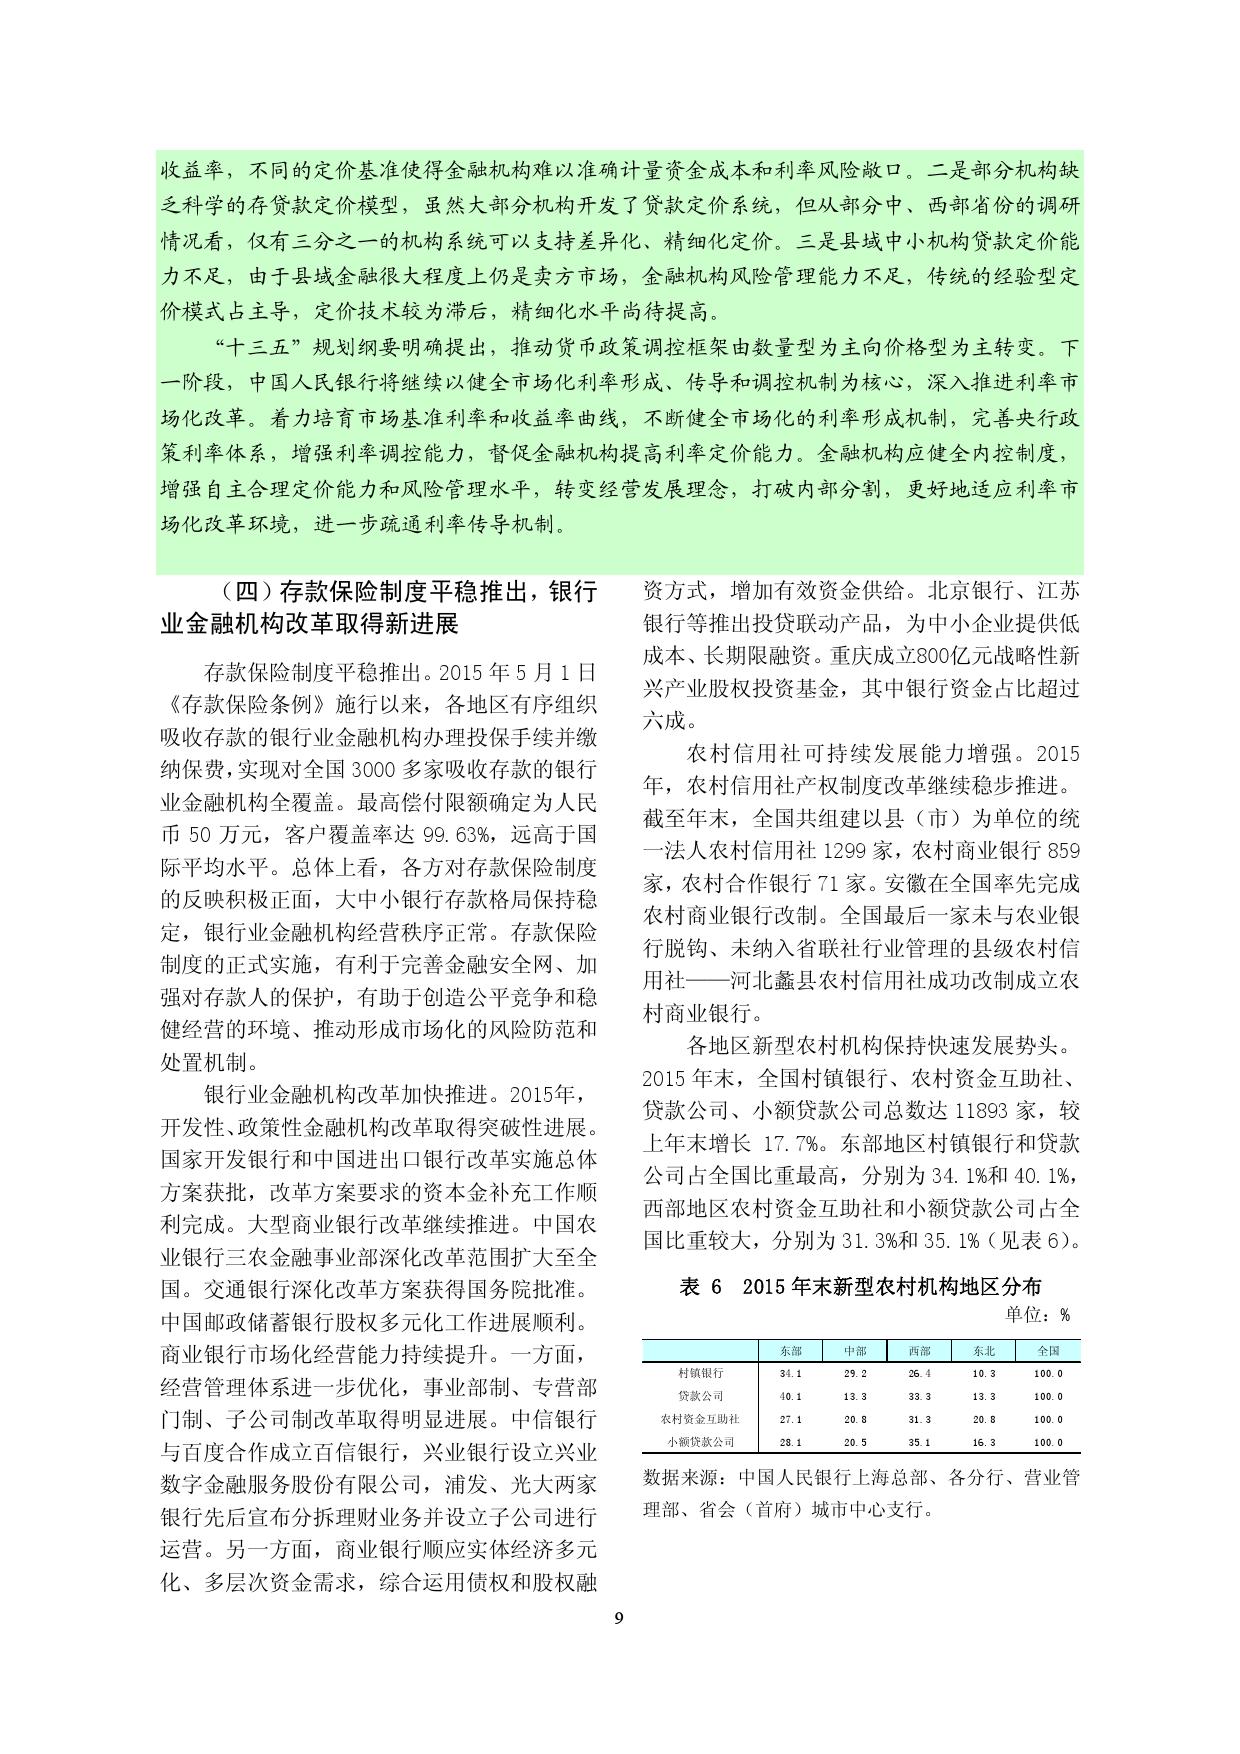 2015年中国区域金融运行报告_000012